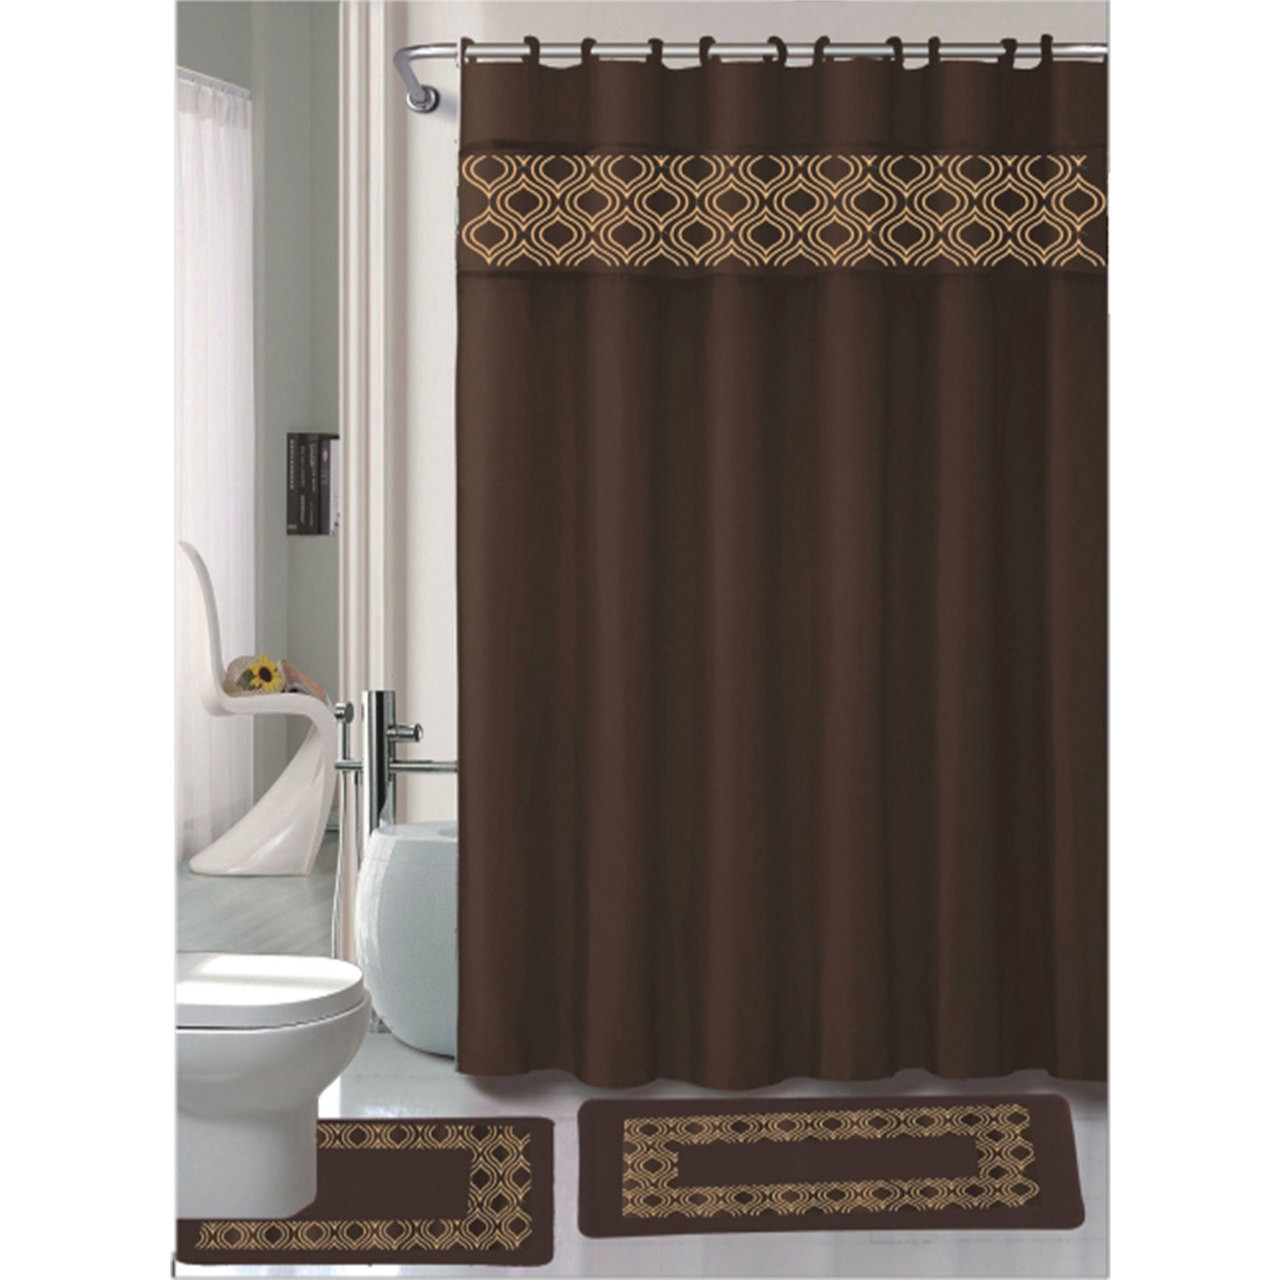 gabrielle chocolate 15 pc bathroom accessories set bath mat contour rug shower curtain